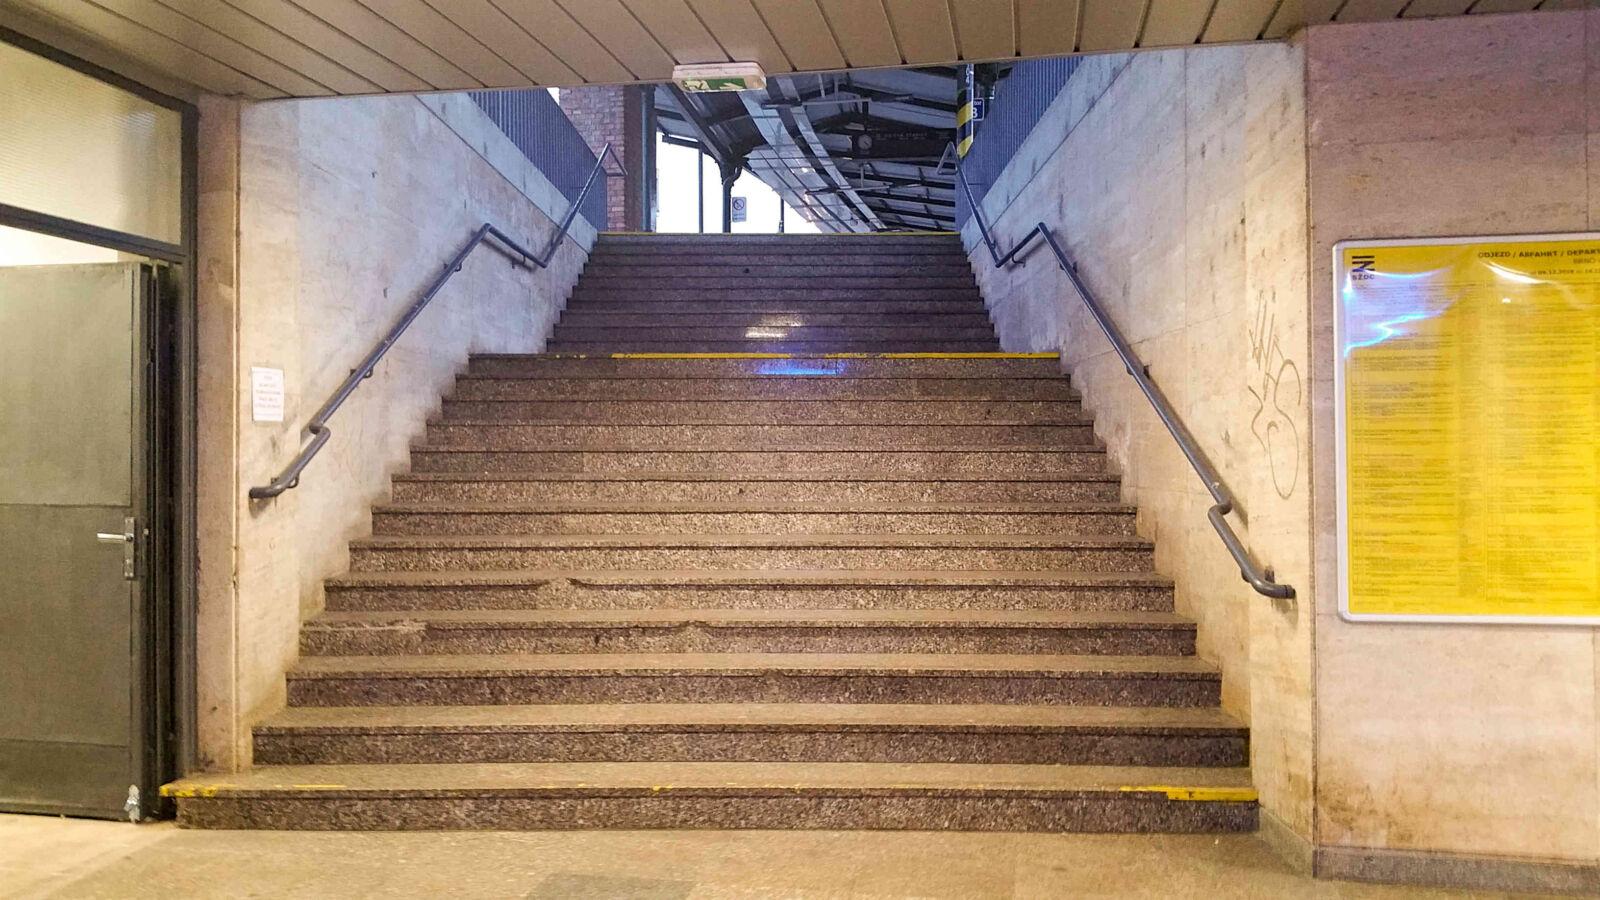 Schody na nástupiště na brněnském hlavním nádraží